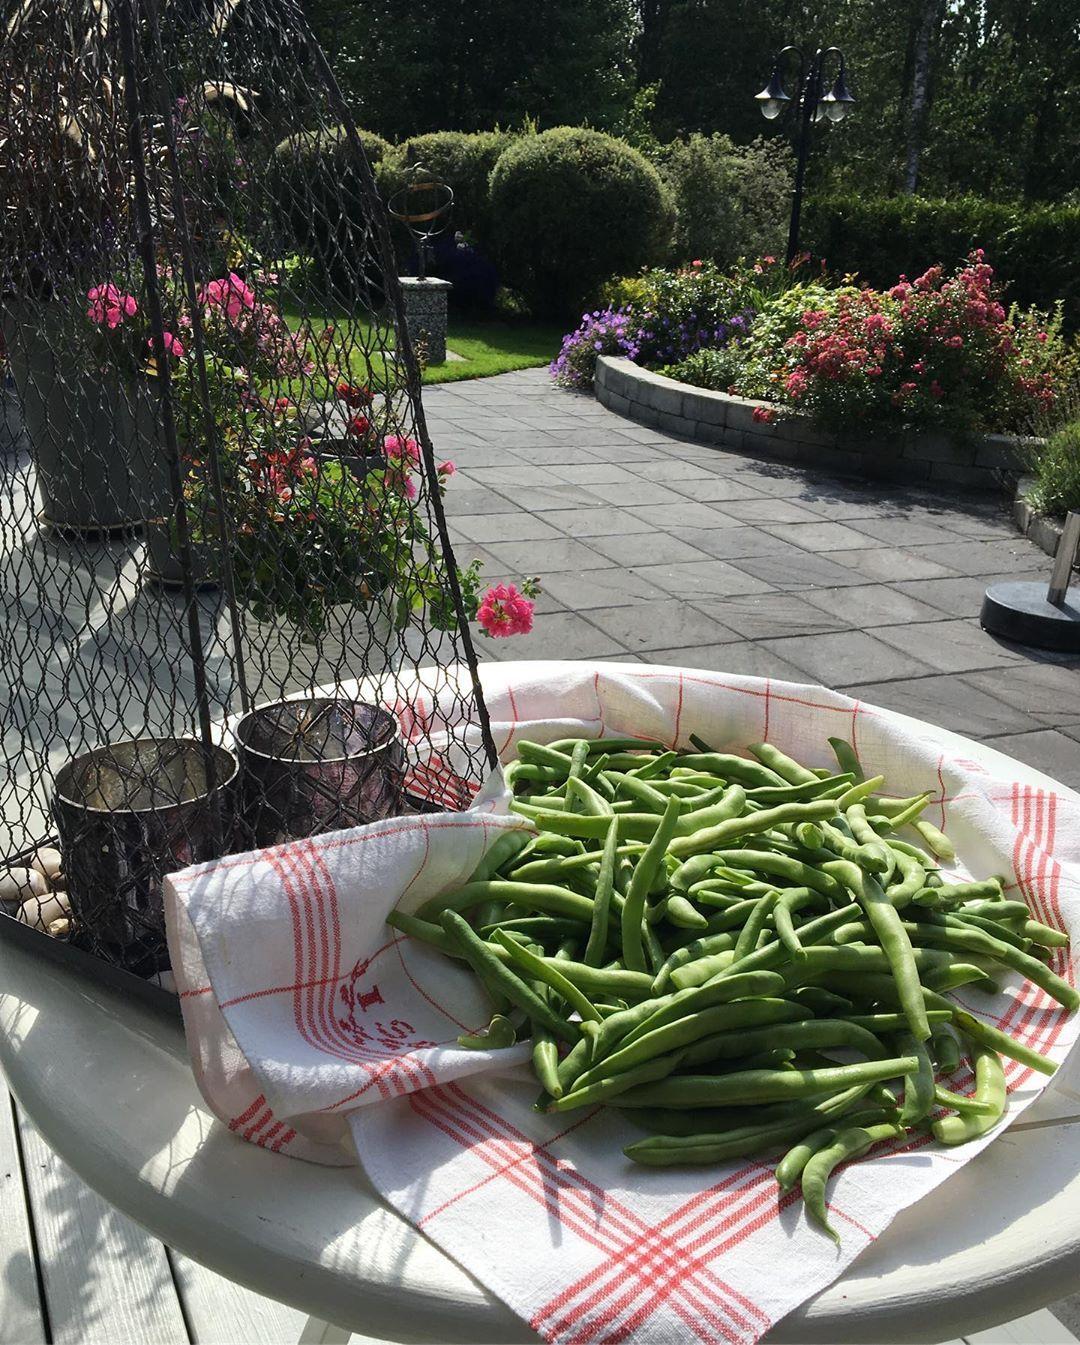 Plockat av det sista av bönorna! Förvällt dem och fryst in till senare tillfälle! 🤗👌#sverige